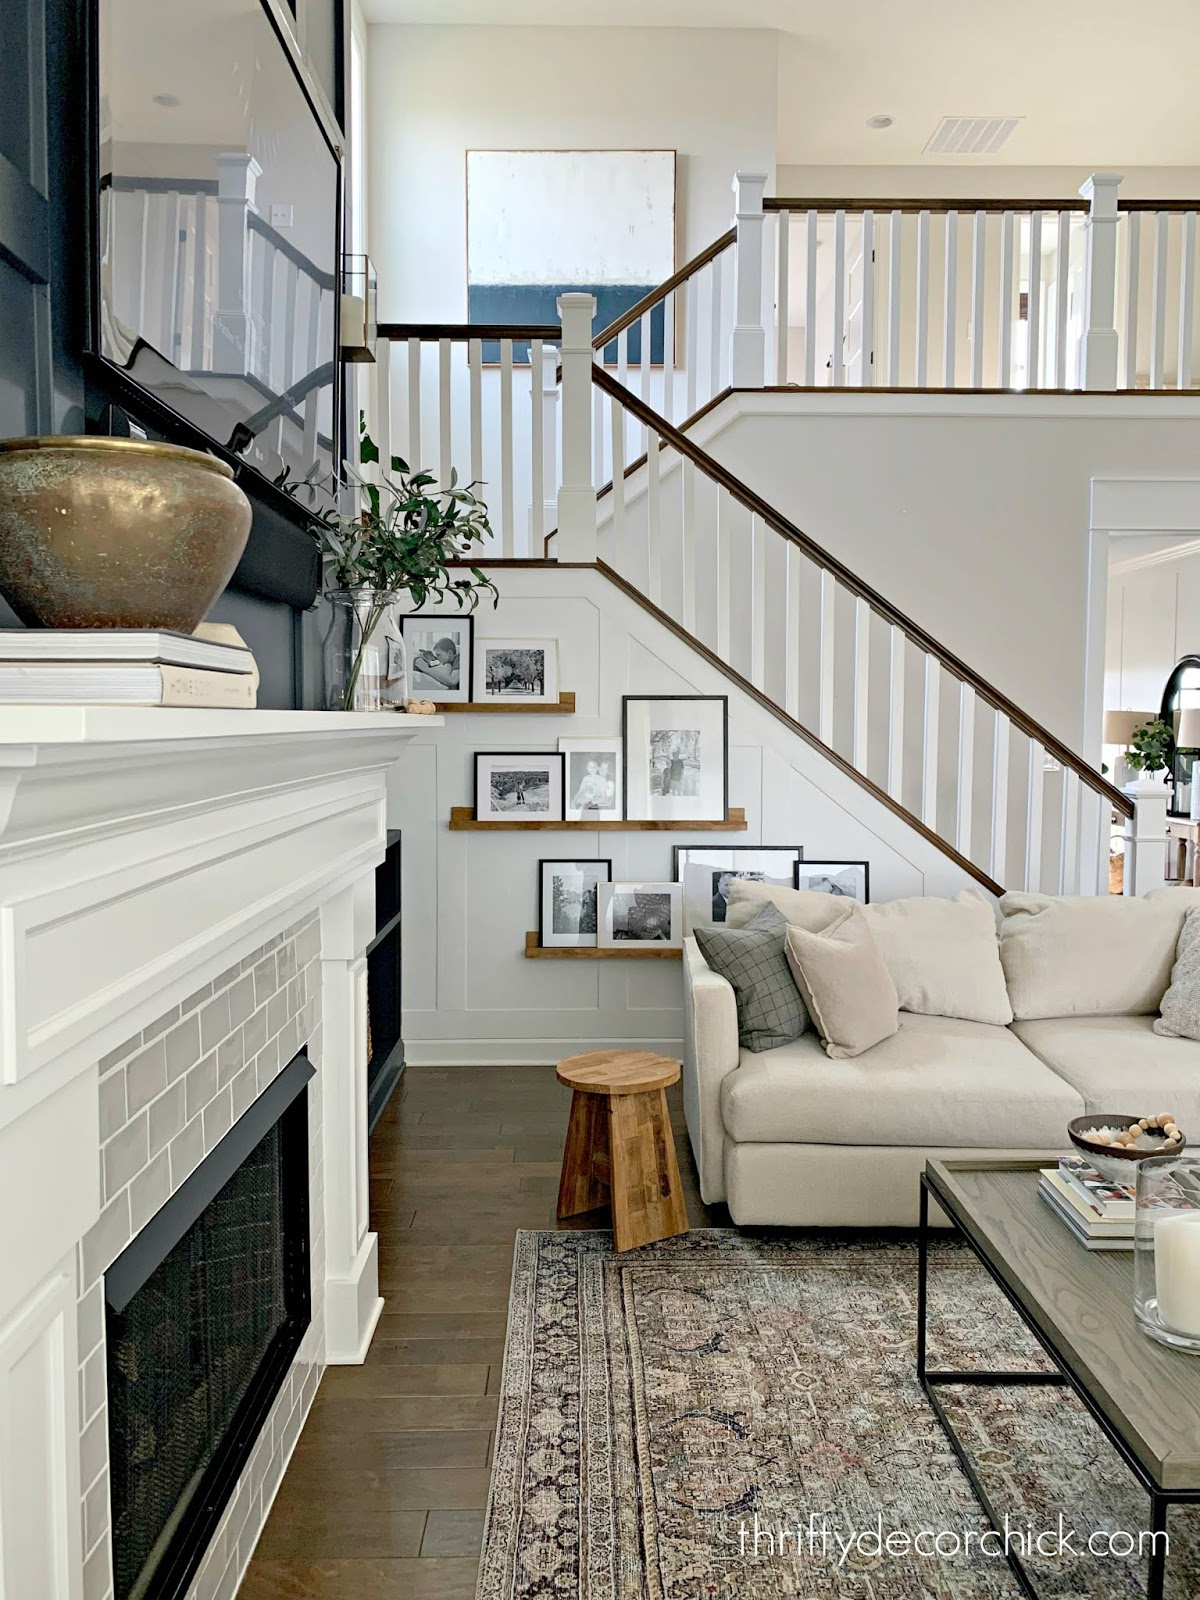 Inexpensive DIY trimwork to open stairway walls